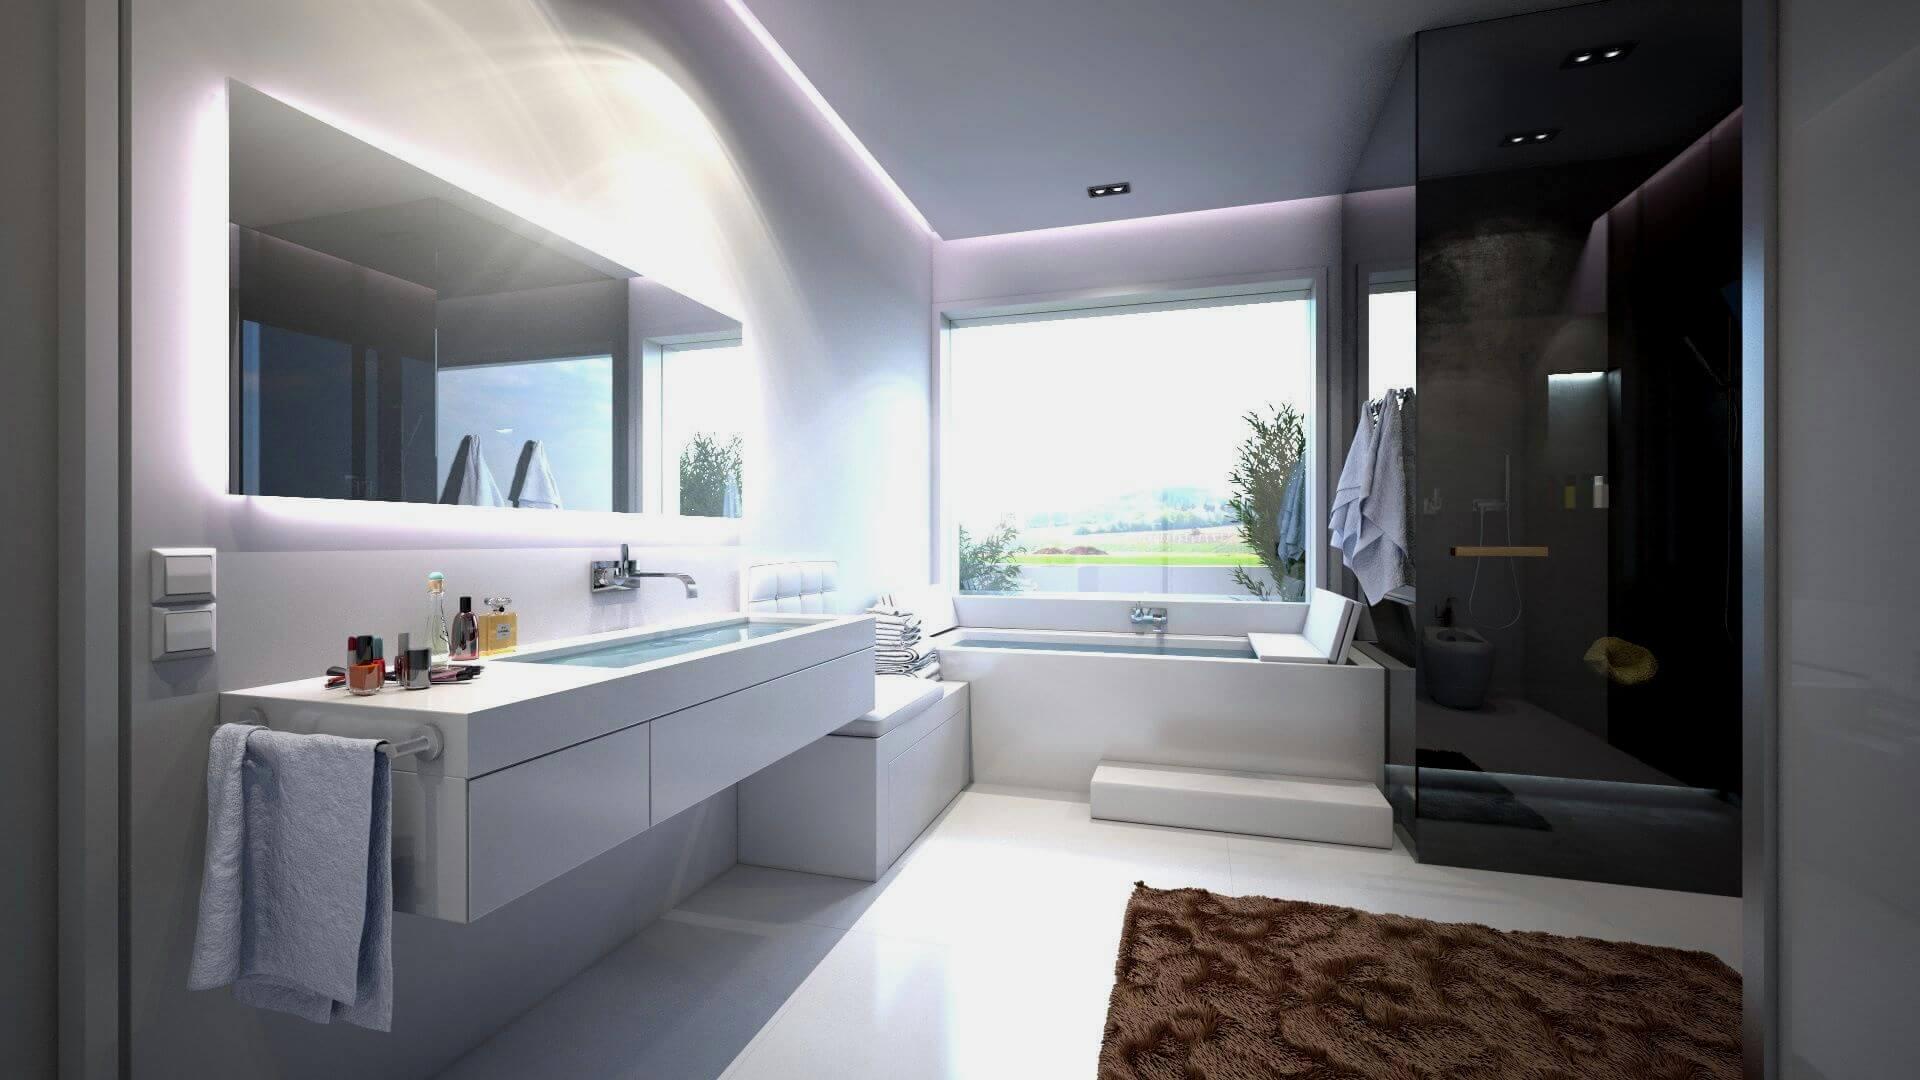 Das perfekte badezimmer traum oder herausforderung for Badezimmer ideen luxus